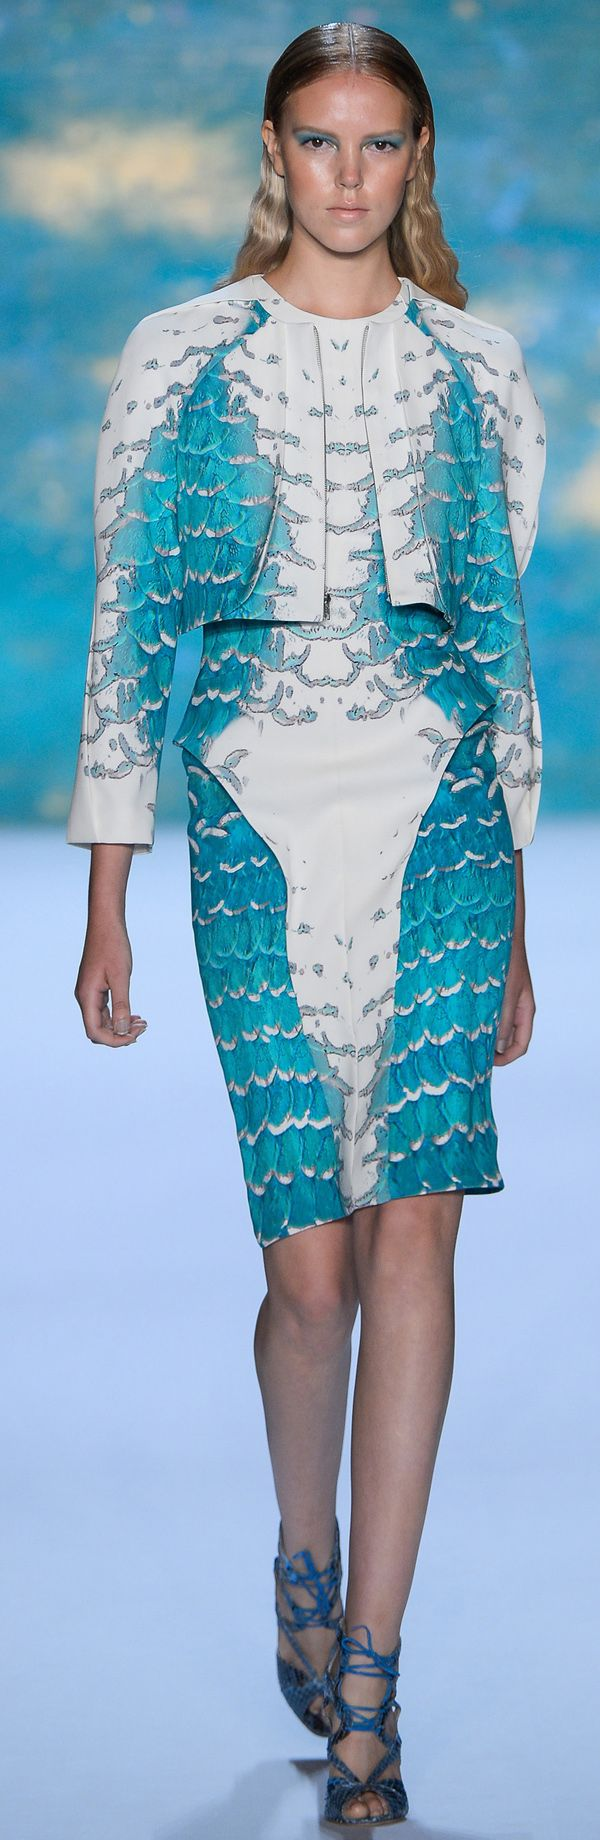 16 best Monique Lhuillier images on Pinterest | Fashion show ...